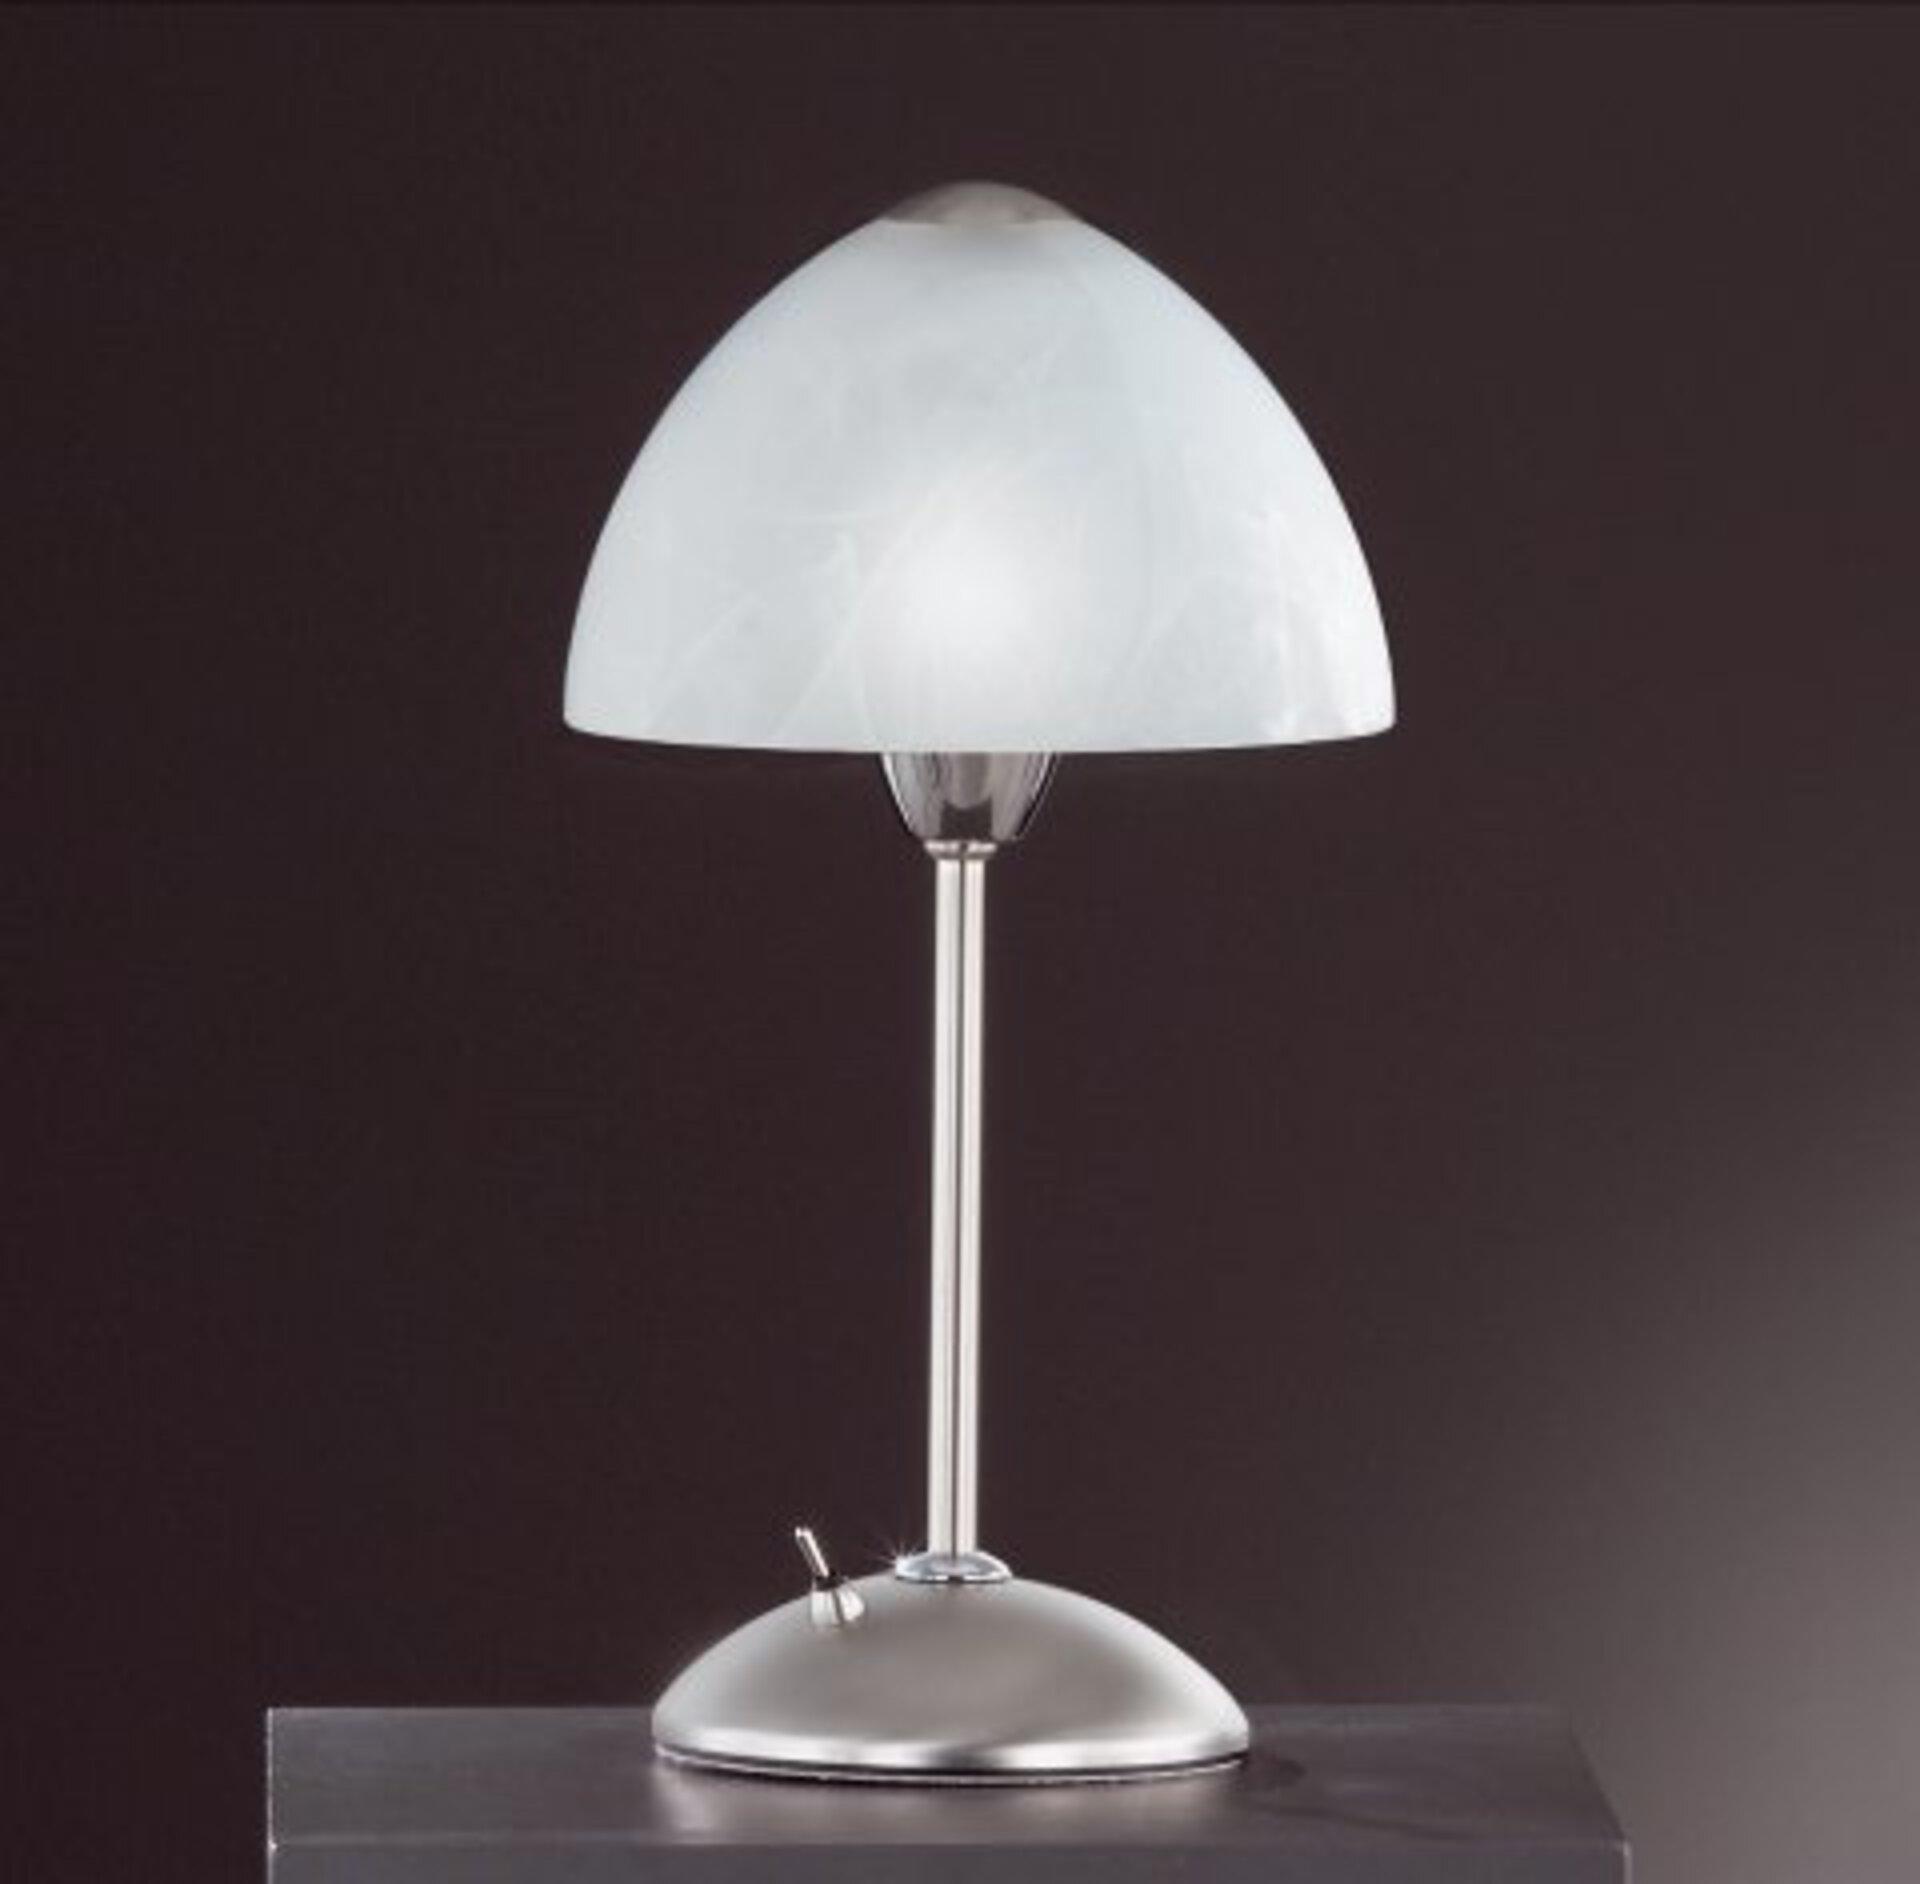 Tischleuchte Amsterdam Fischer-Honsel Metall 32 x